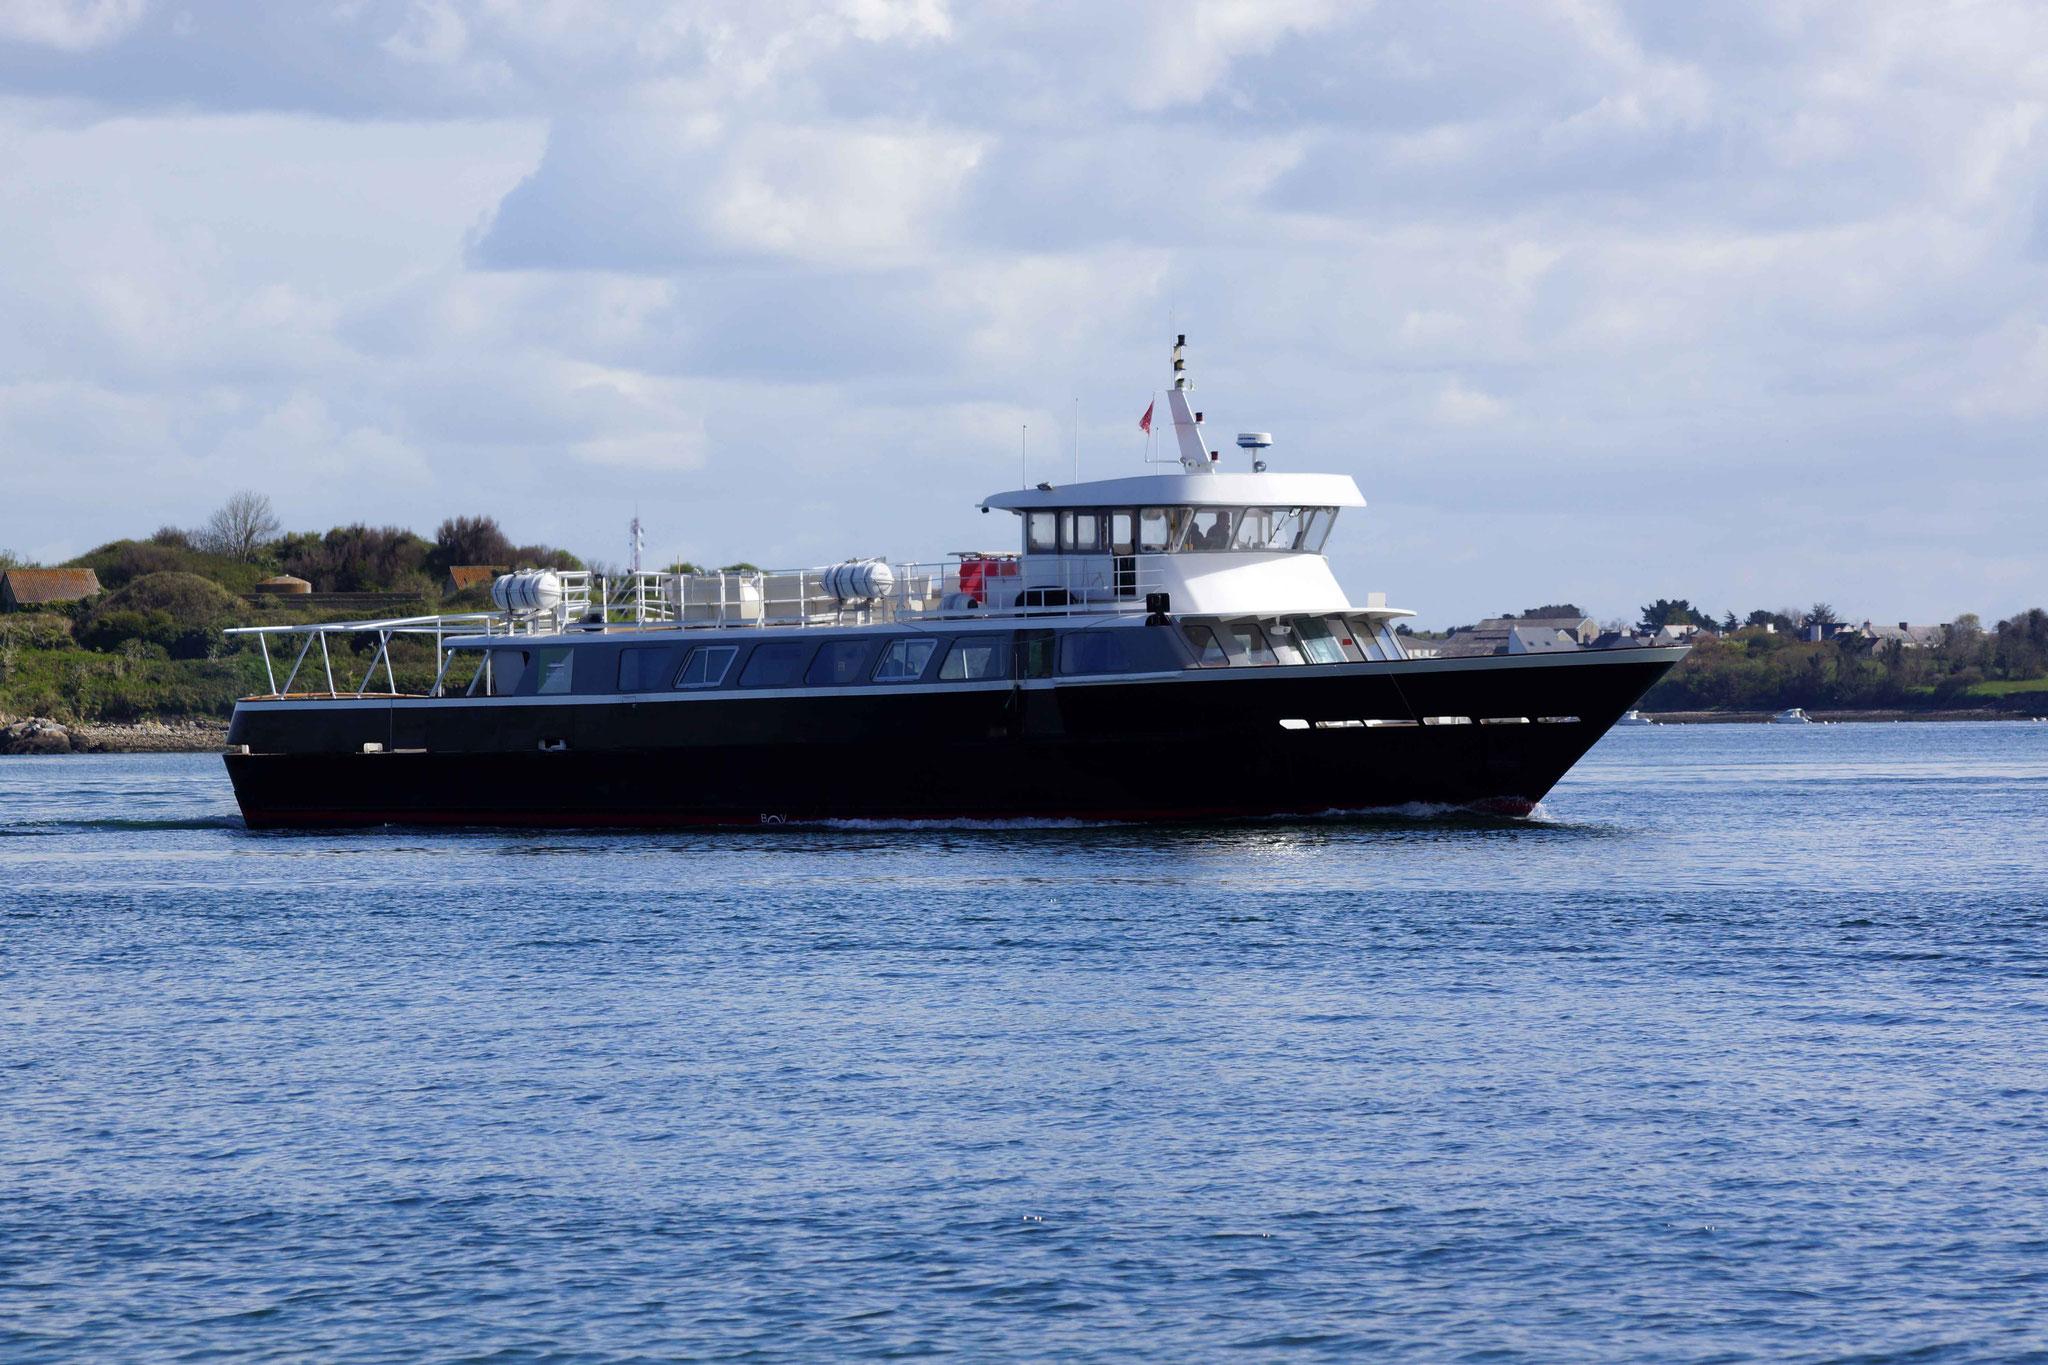 Iroko (Navires croisière tourisme sur la Loire ; 31 m / 7,50 m ~ Nantes), mmsi : 227002440